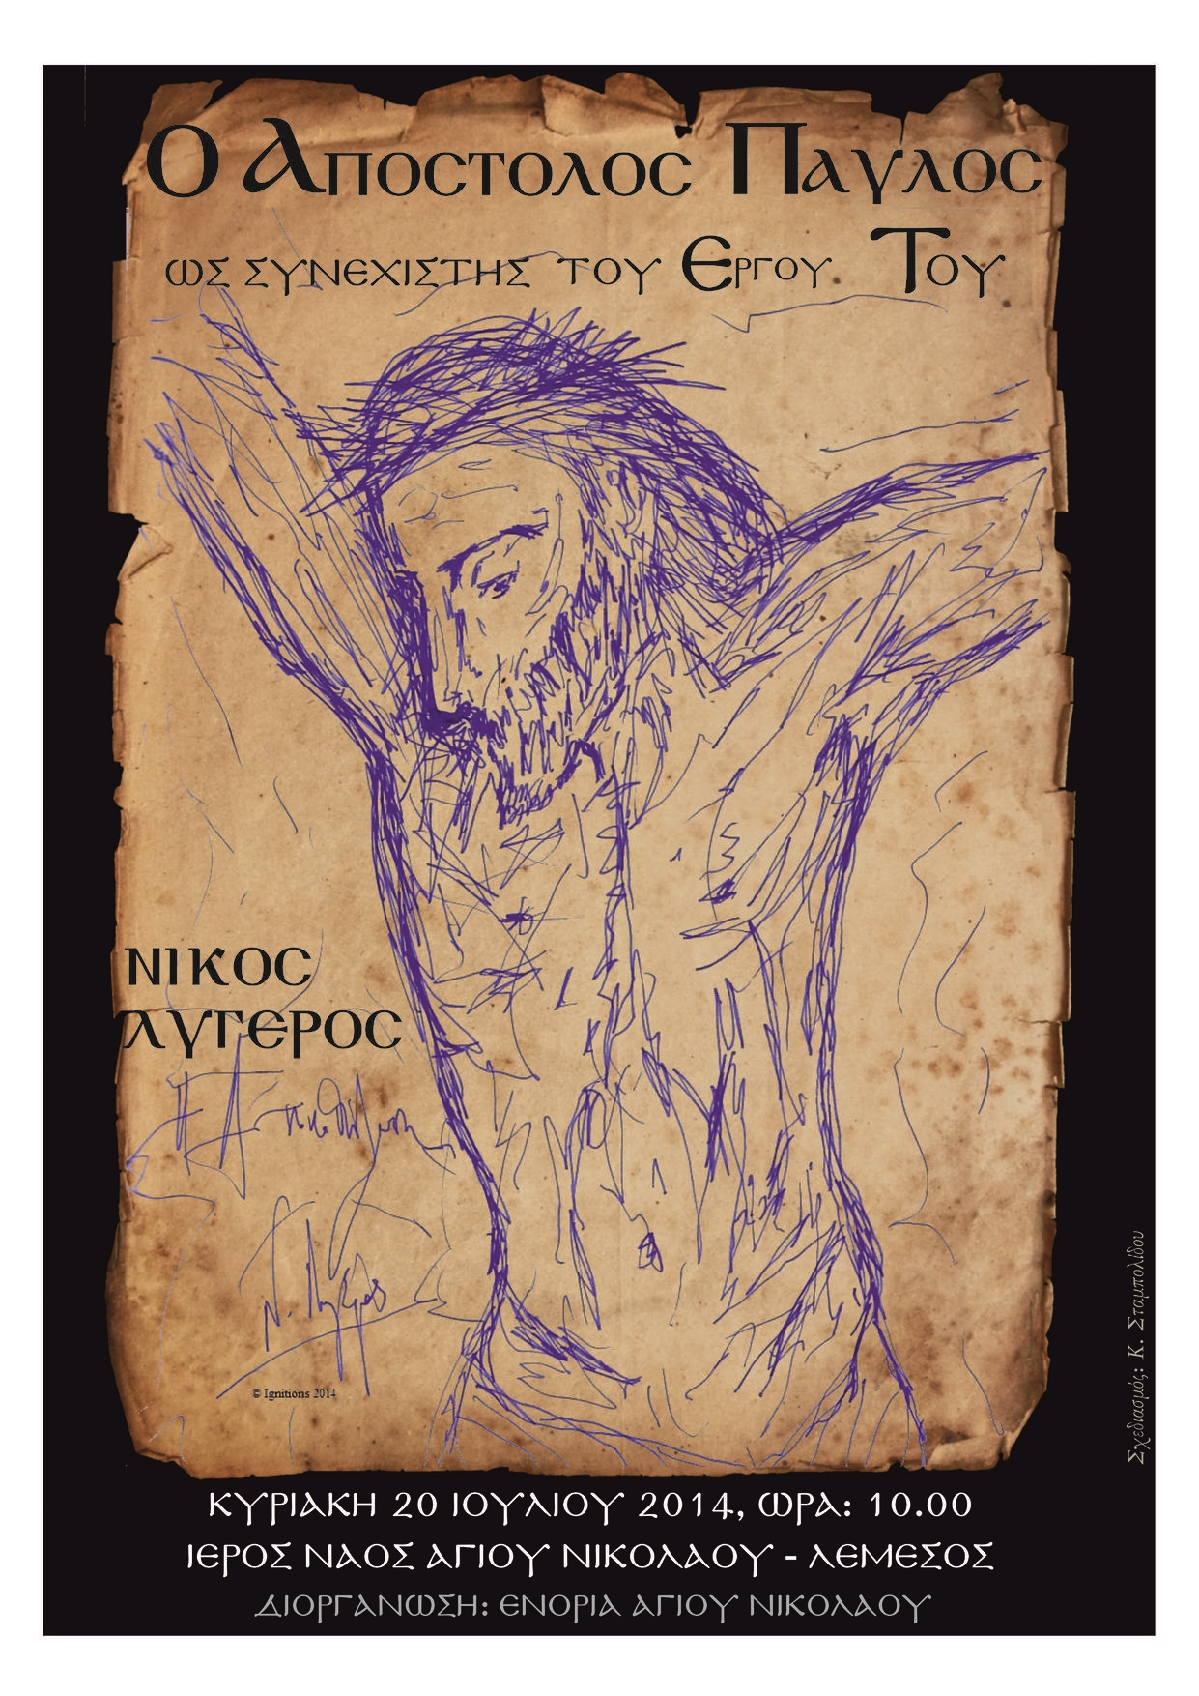 Ο Απόστολος Παύλος ως συνεχιστής του Έργου Του